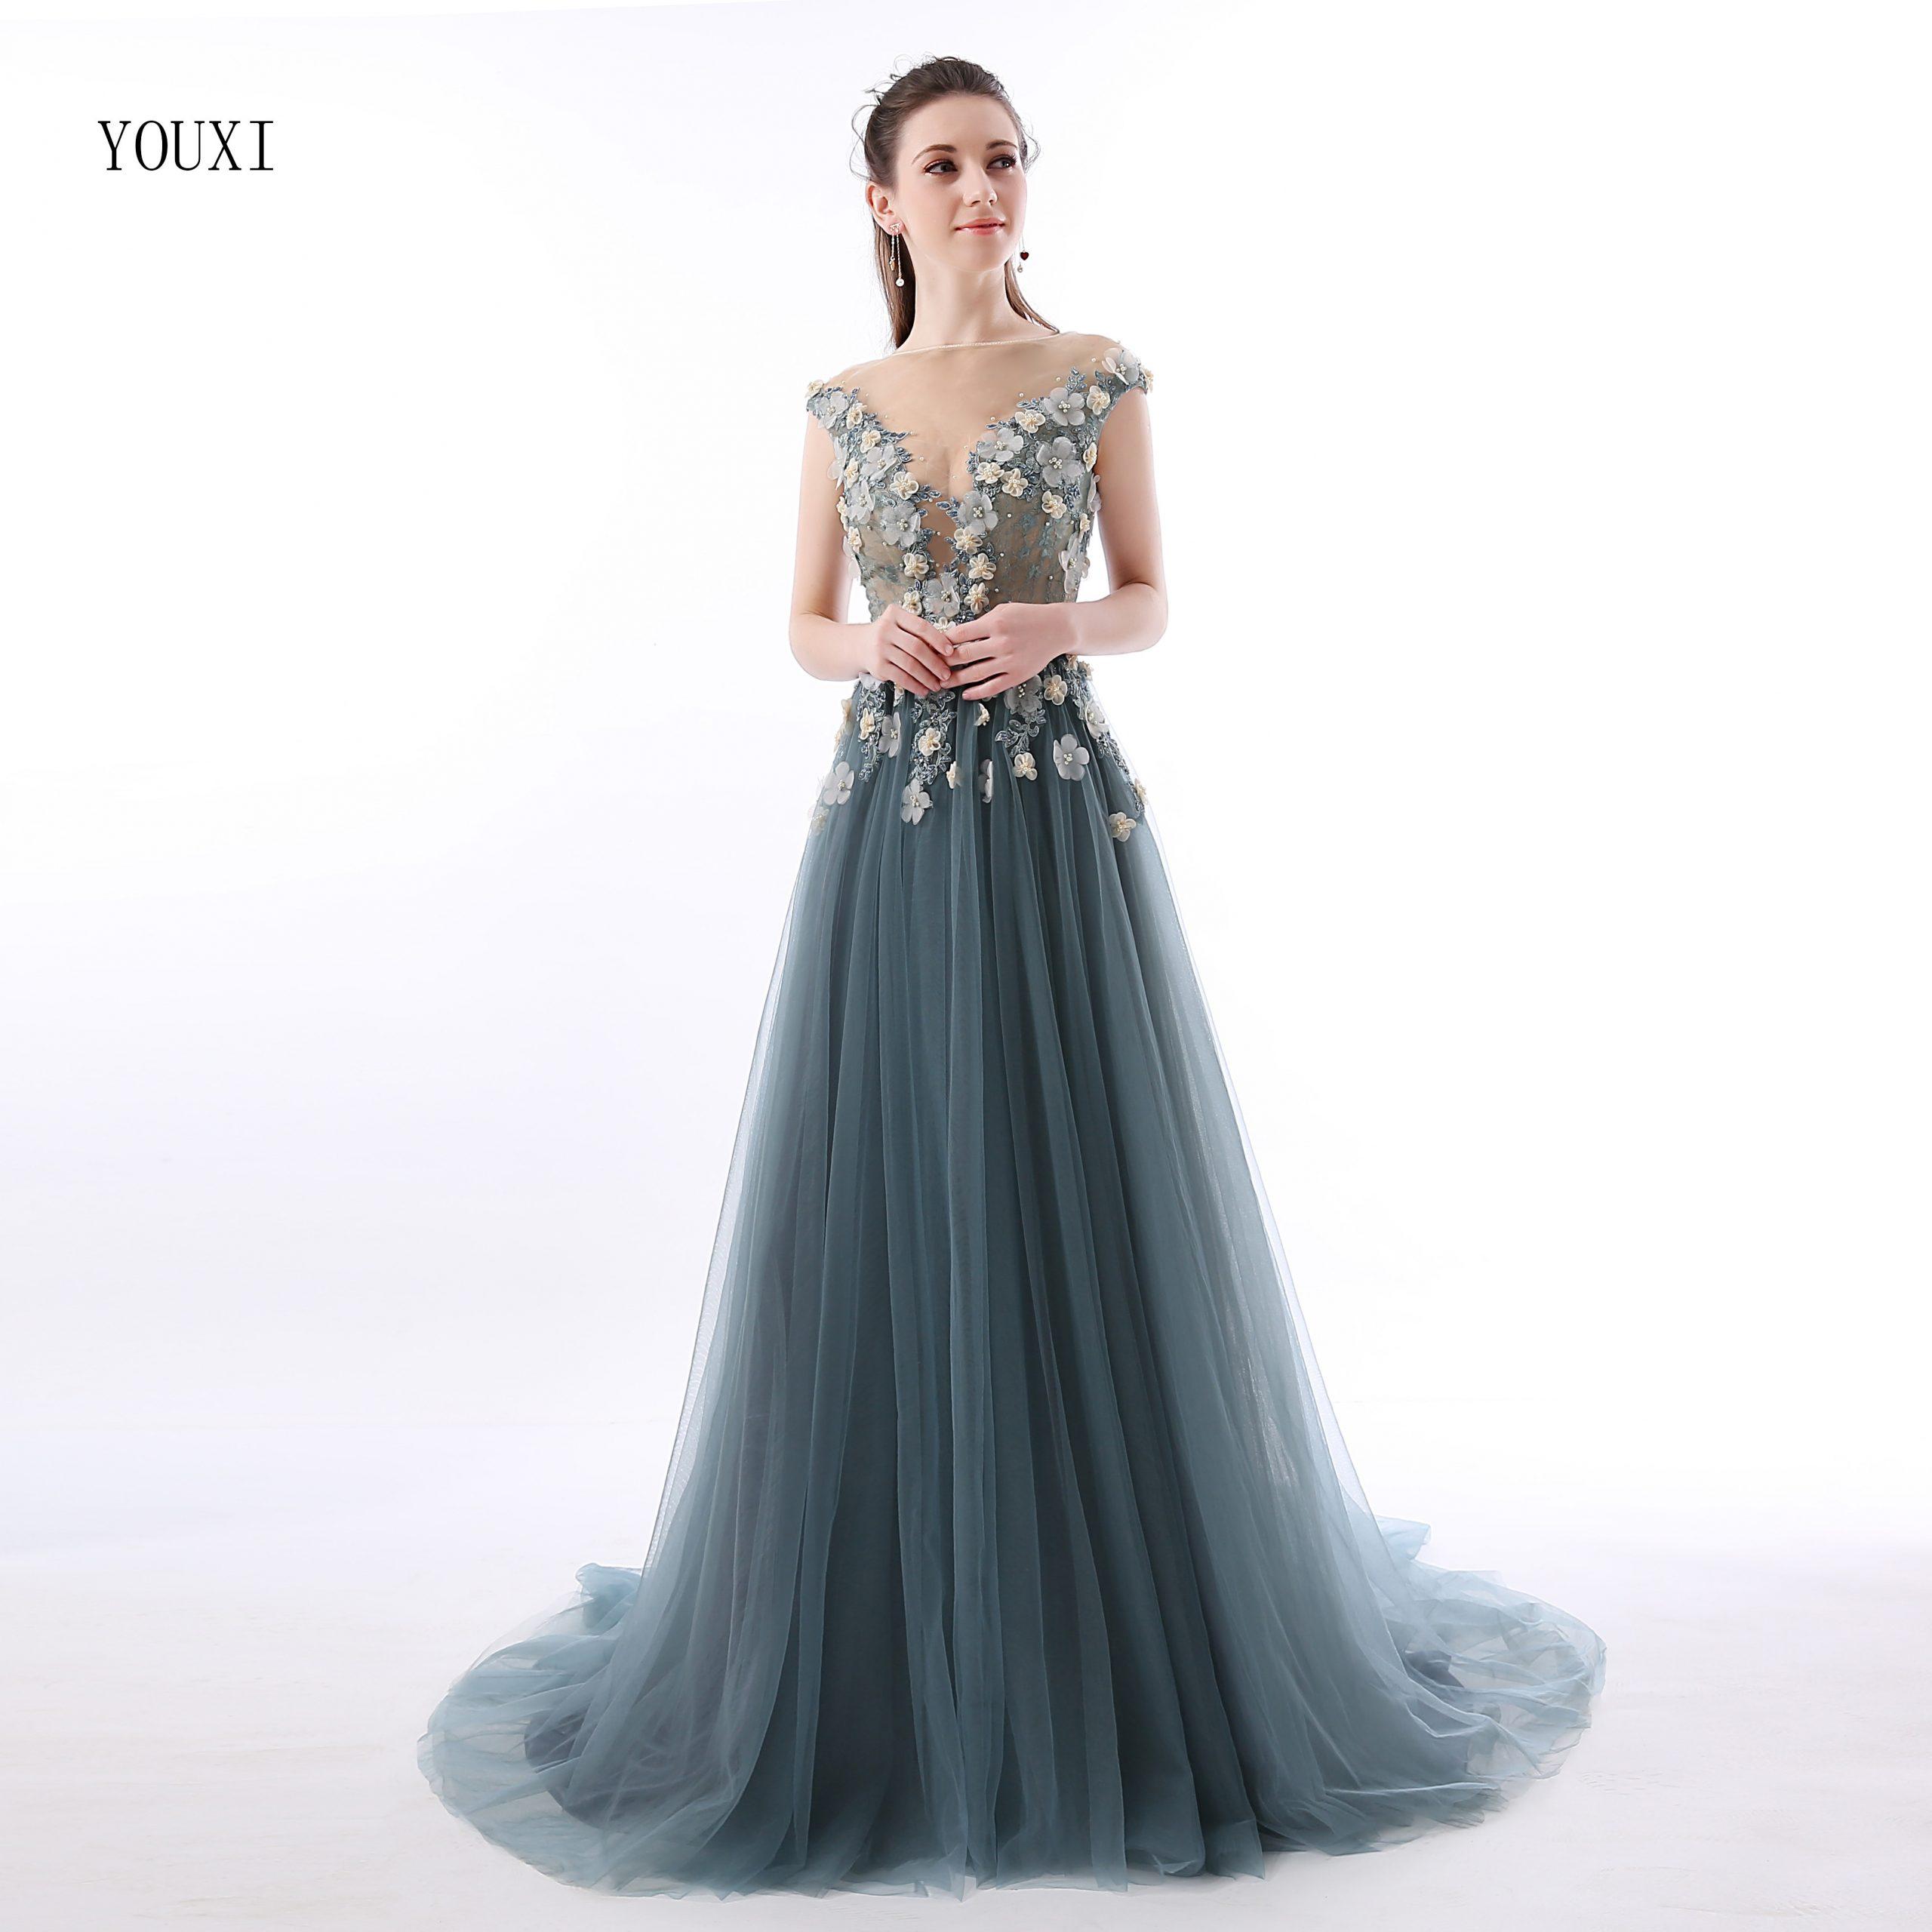 Abend Ausgezeichnet Abendkleider Trend 11 Stylish - Abendkleid